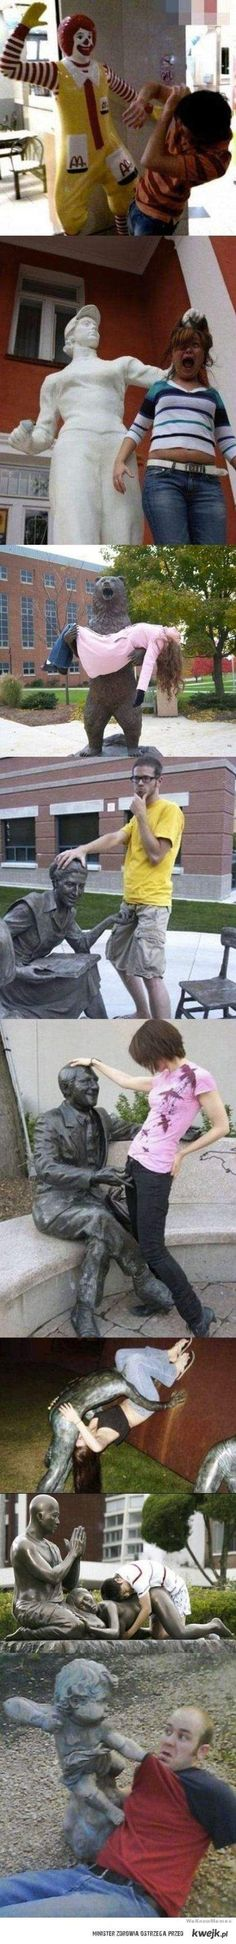 Statue... hahaha